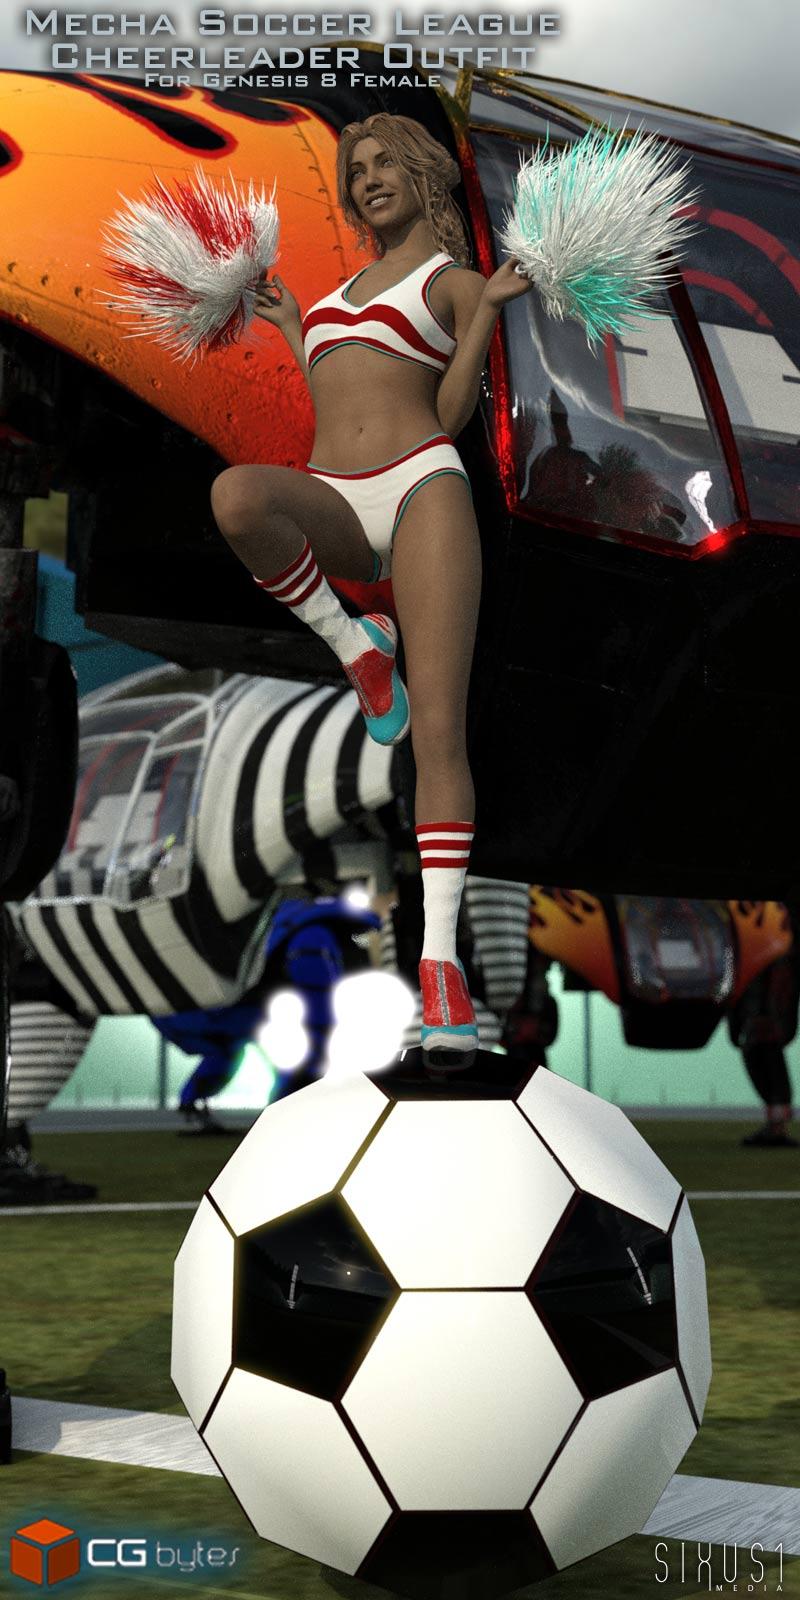 ArtDev Mecha Soccer League Cheerleader Outfit For G8F_DAZ3D下载站